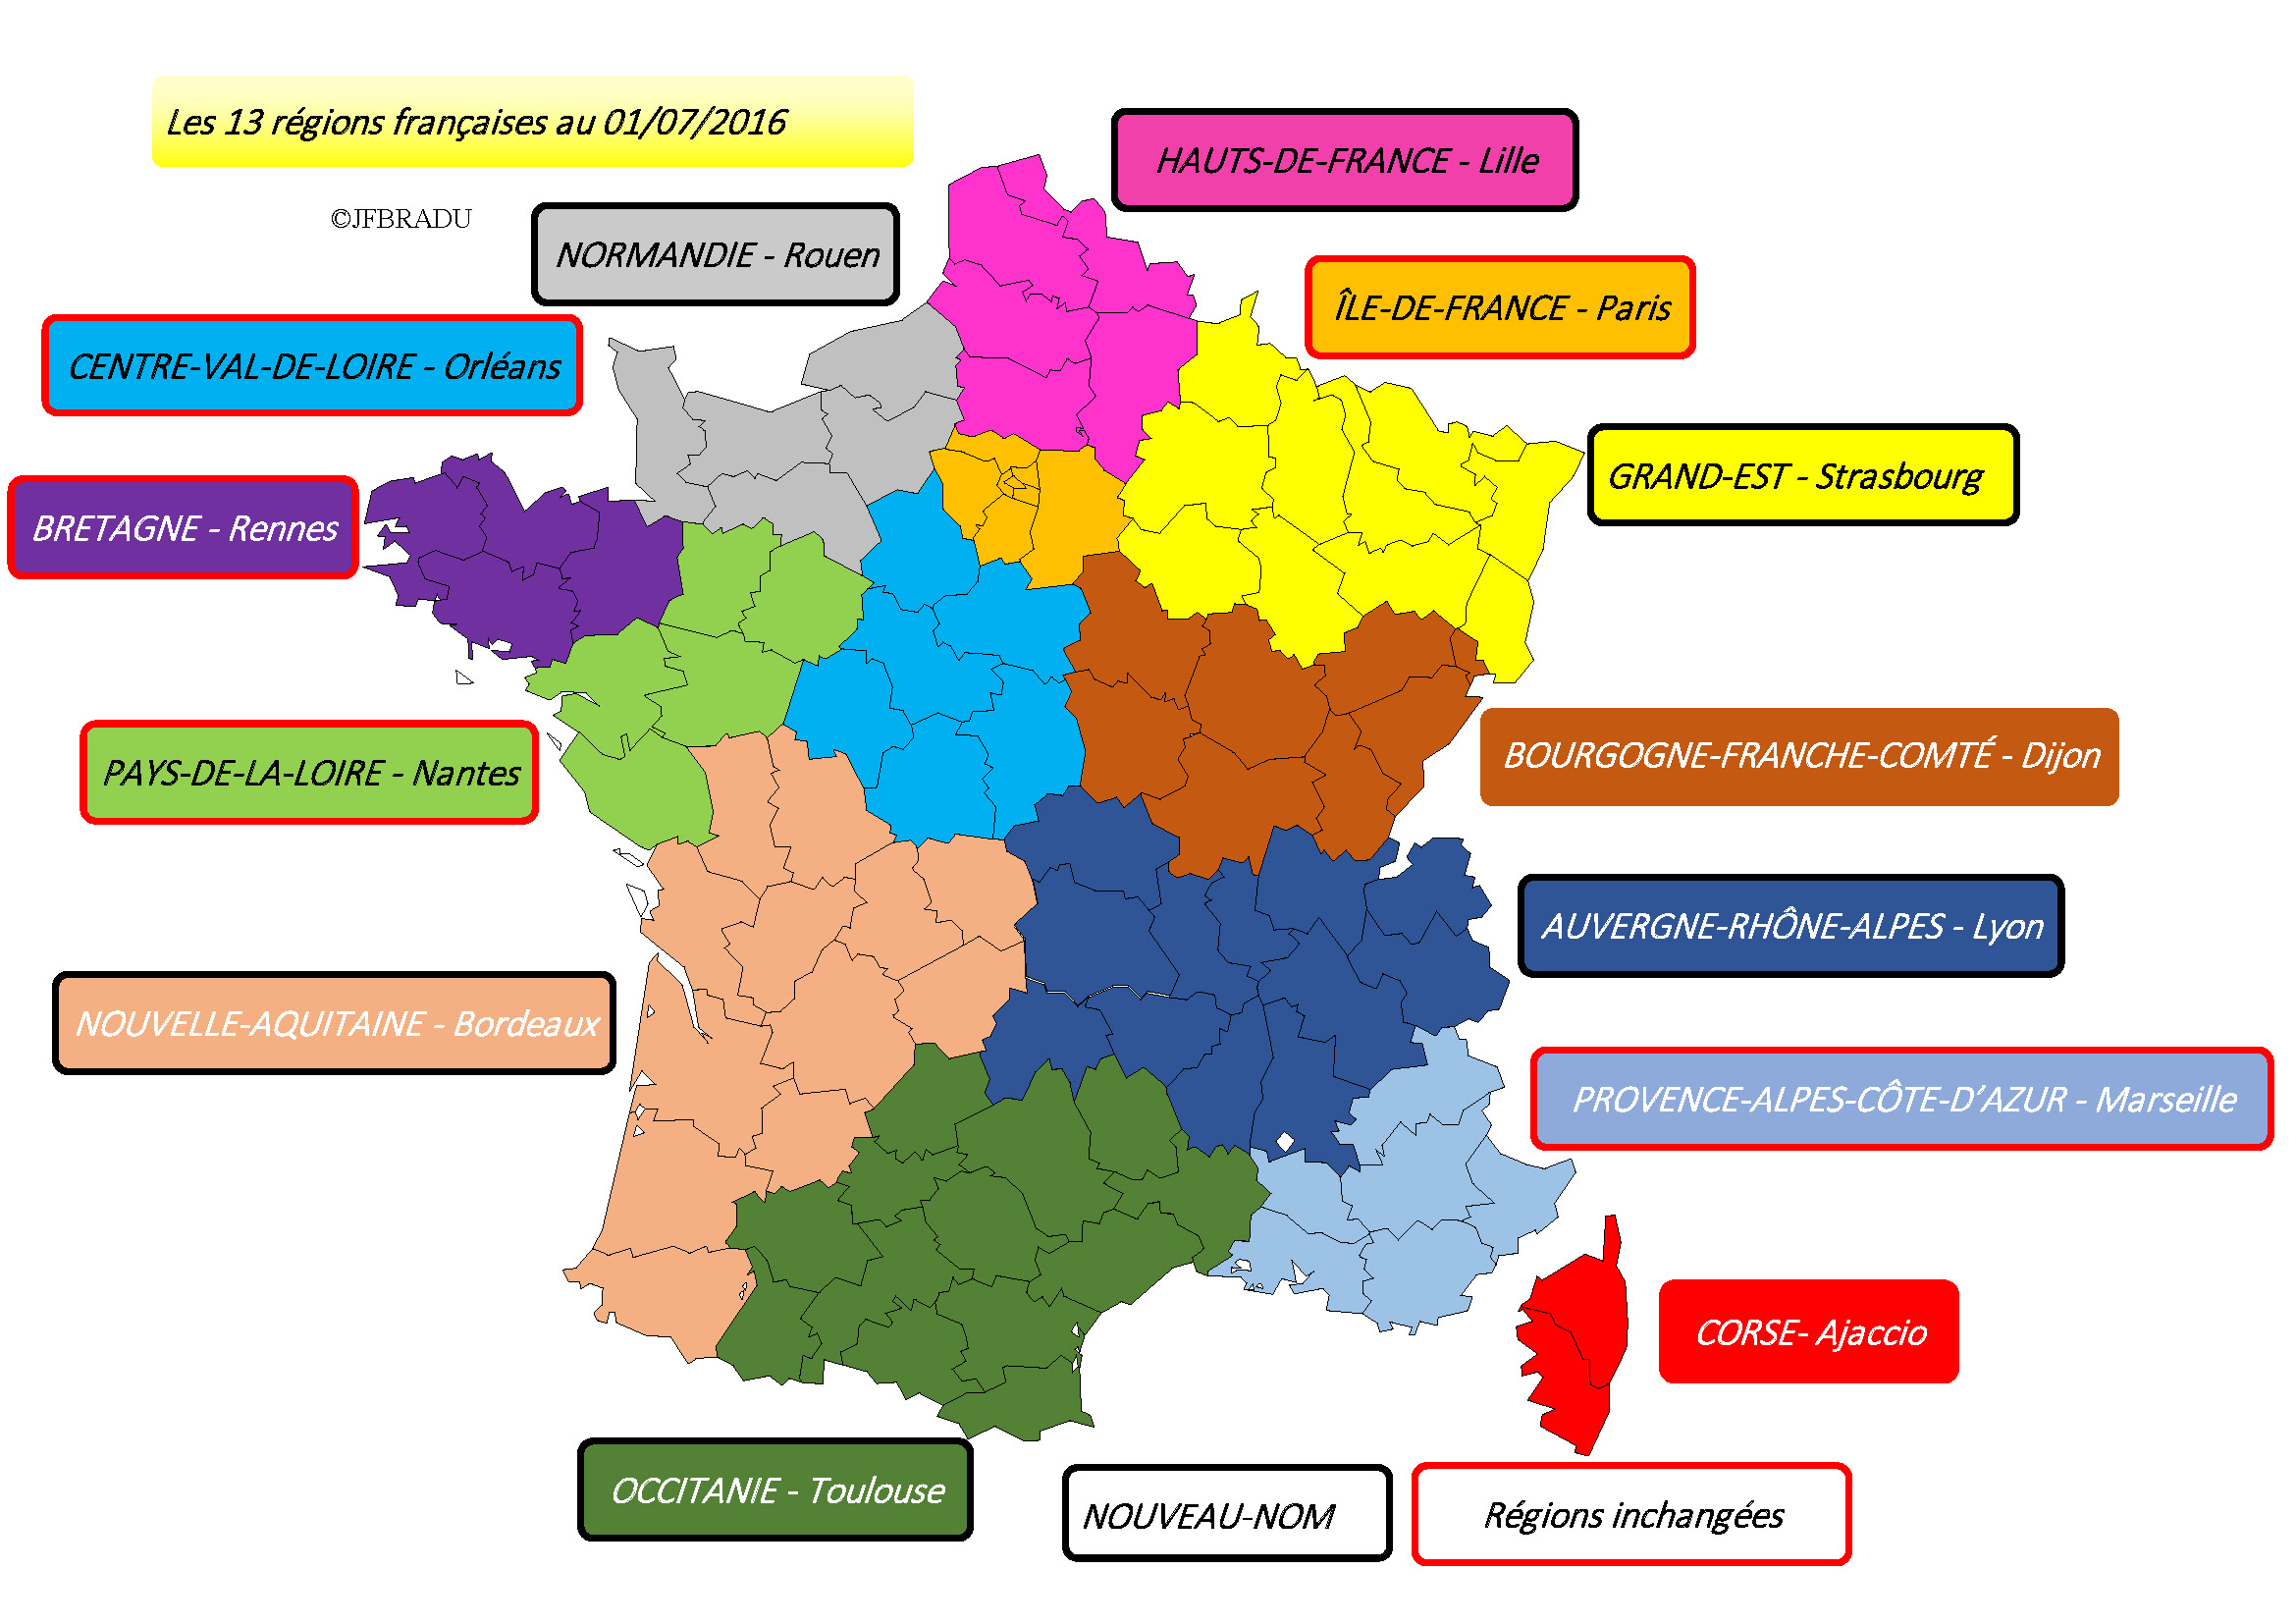 Fonds De Cartes France dedans Les 13 Régions